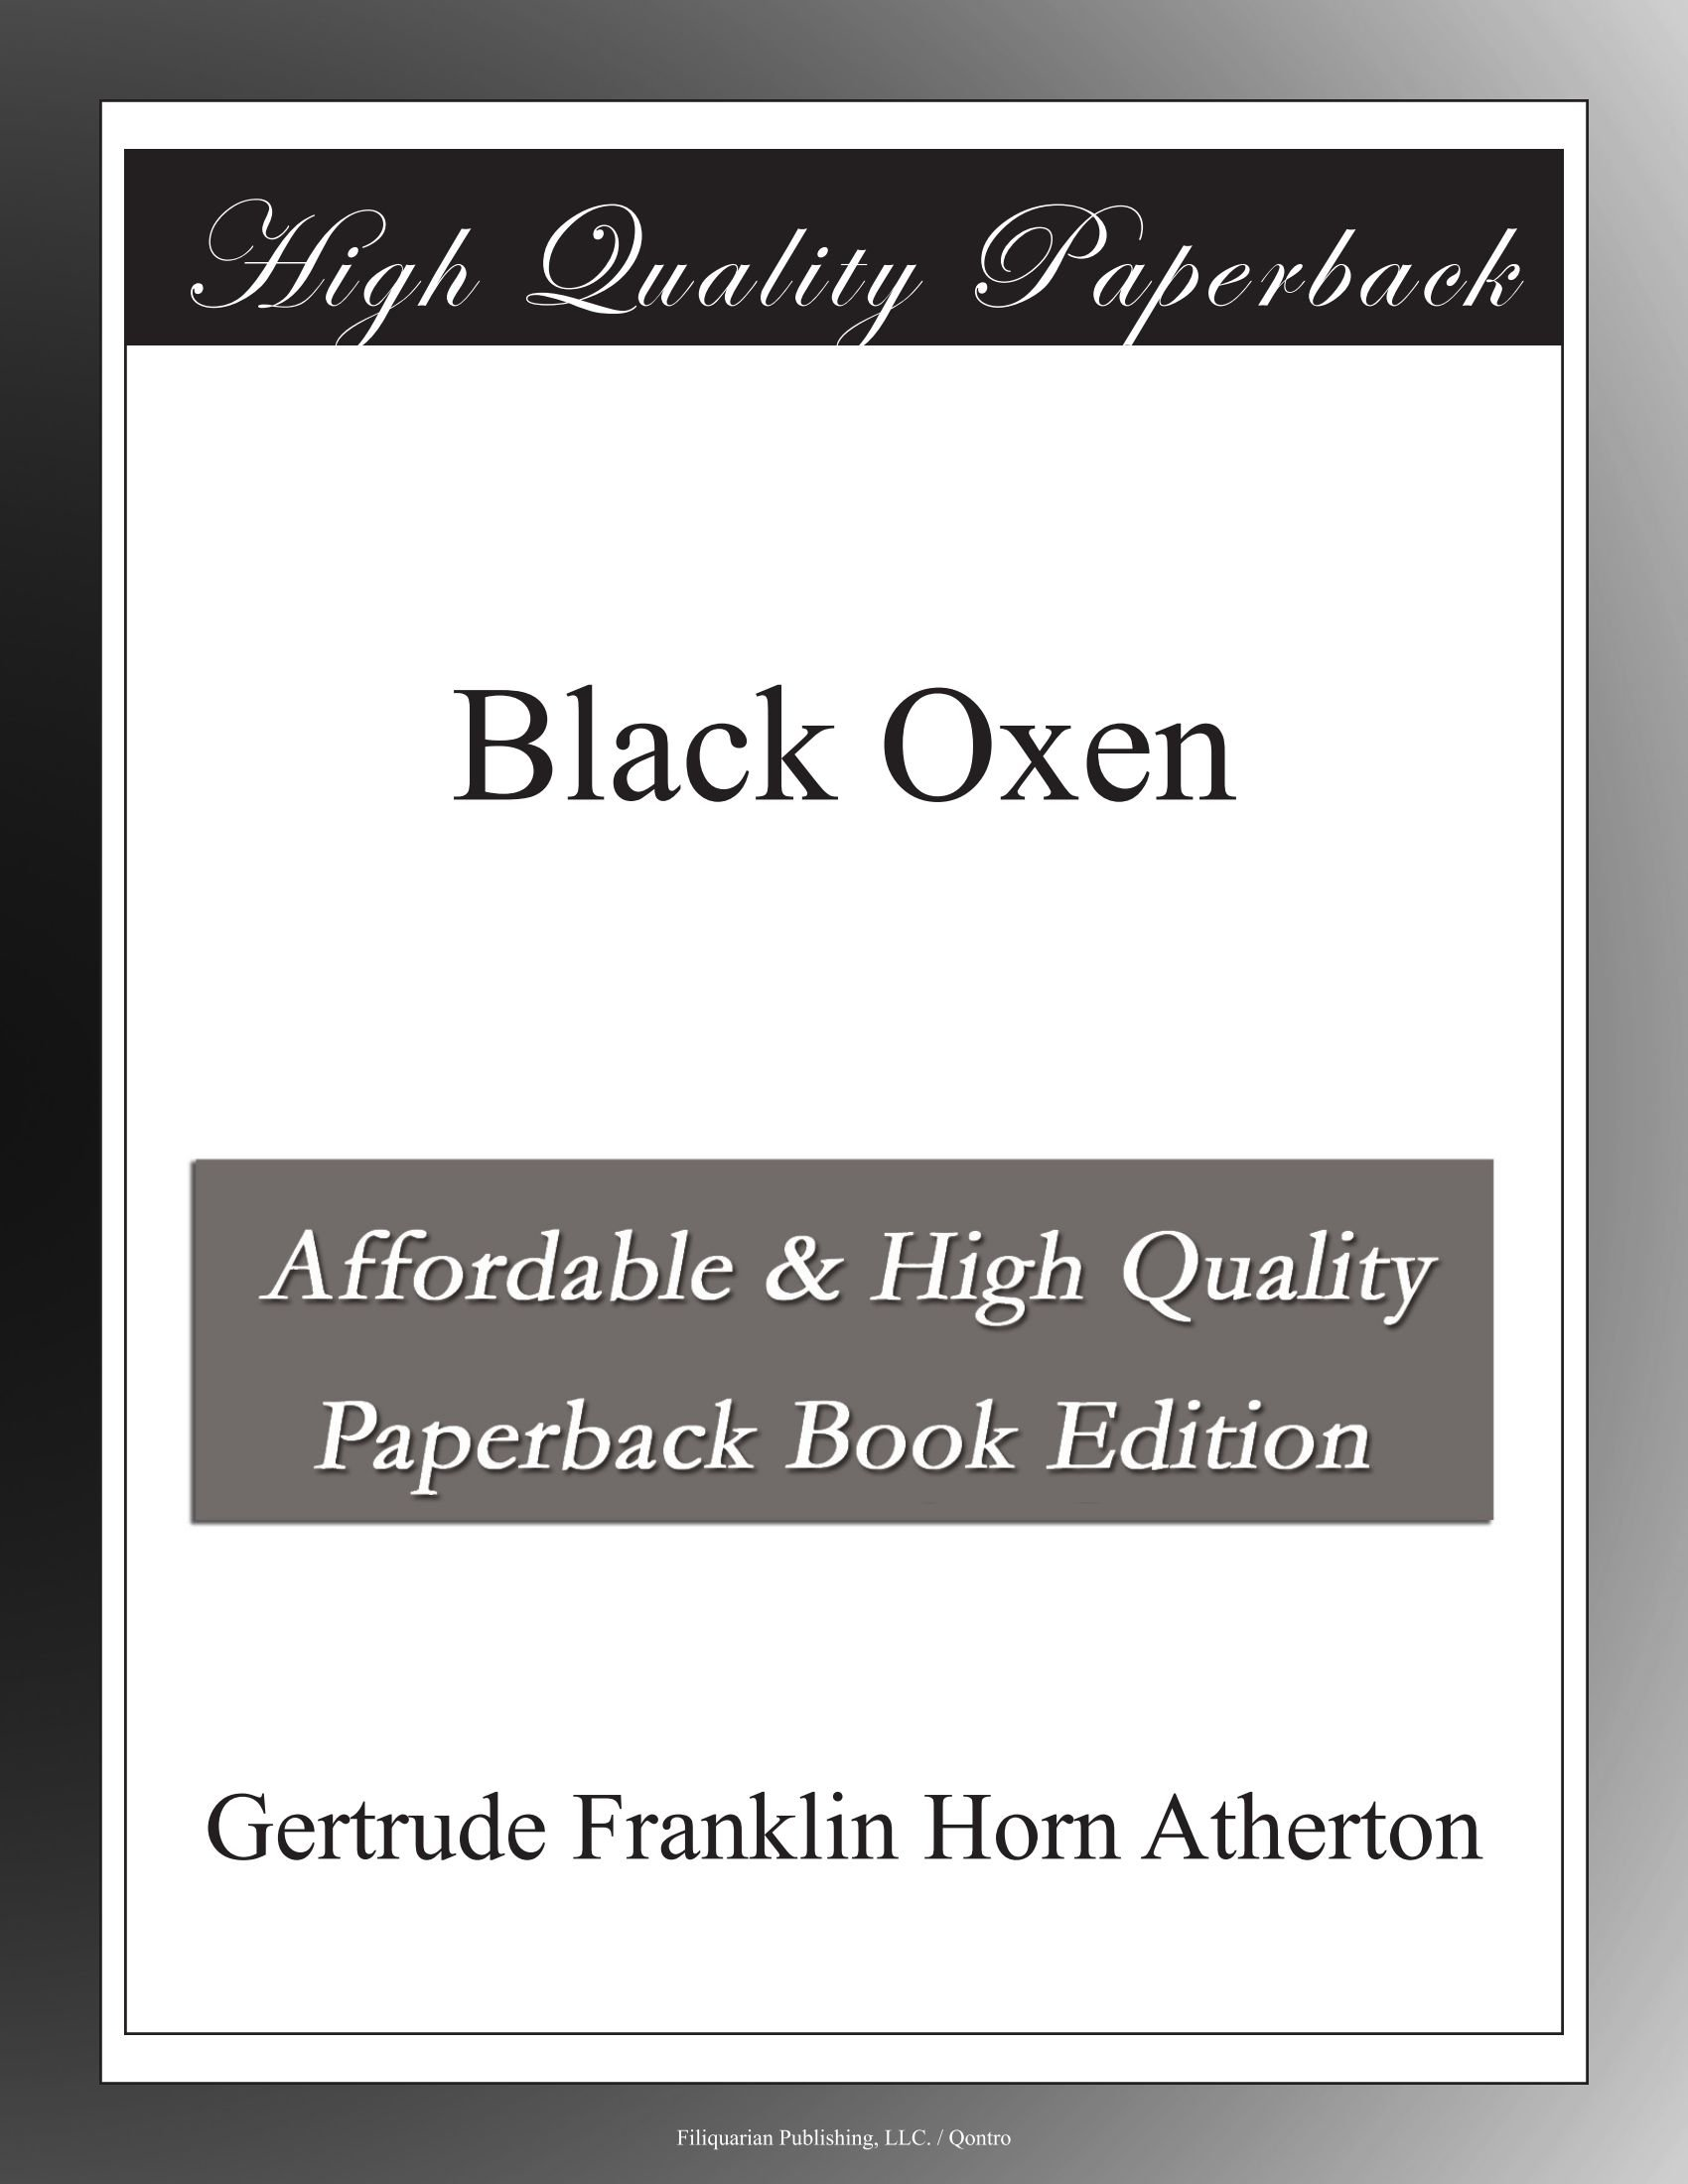 Black Oxen ebook